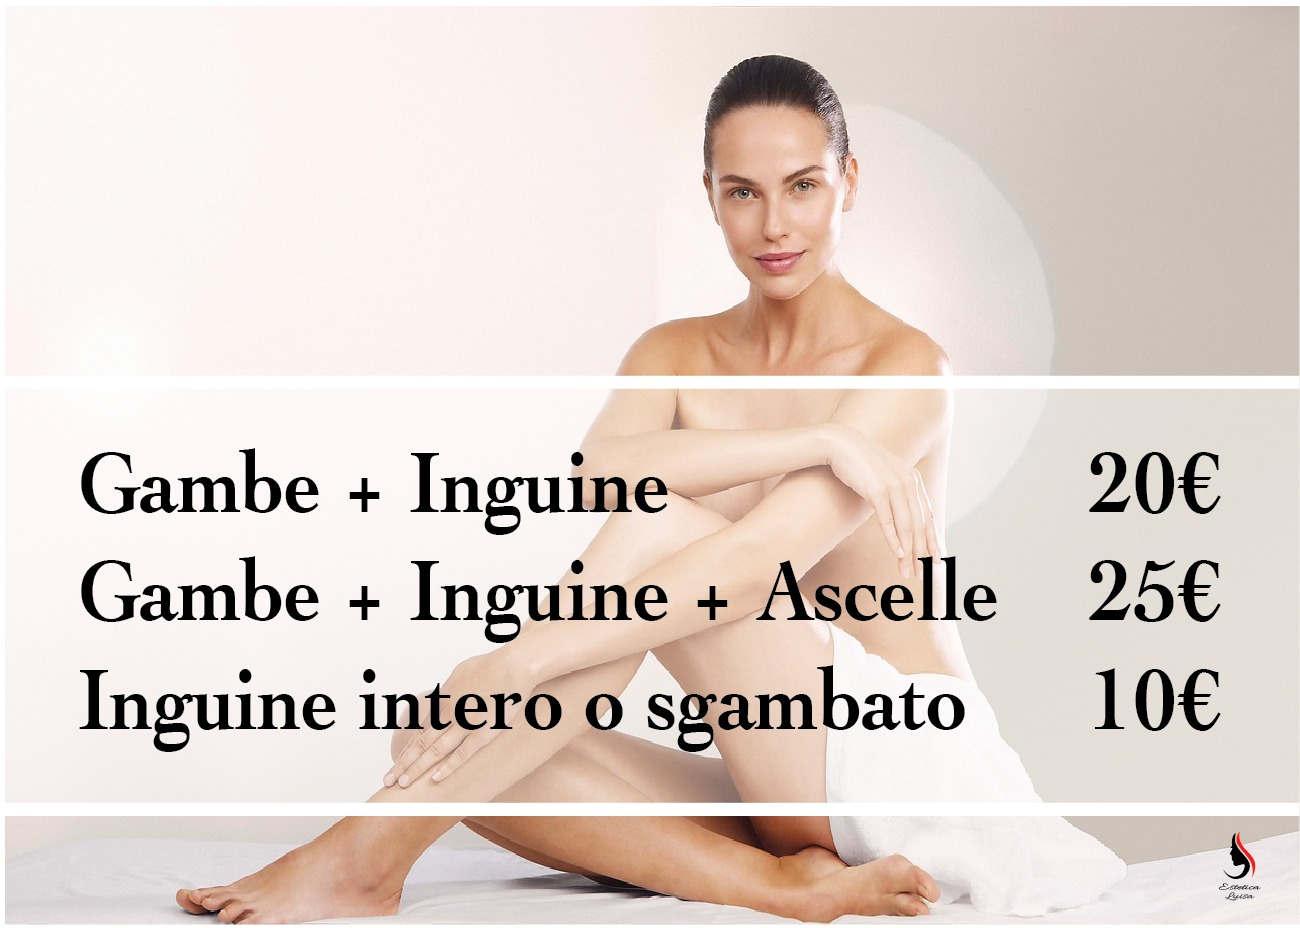 Estetica Luisa Portale di Genova